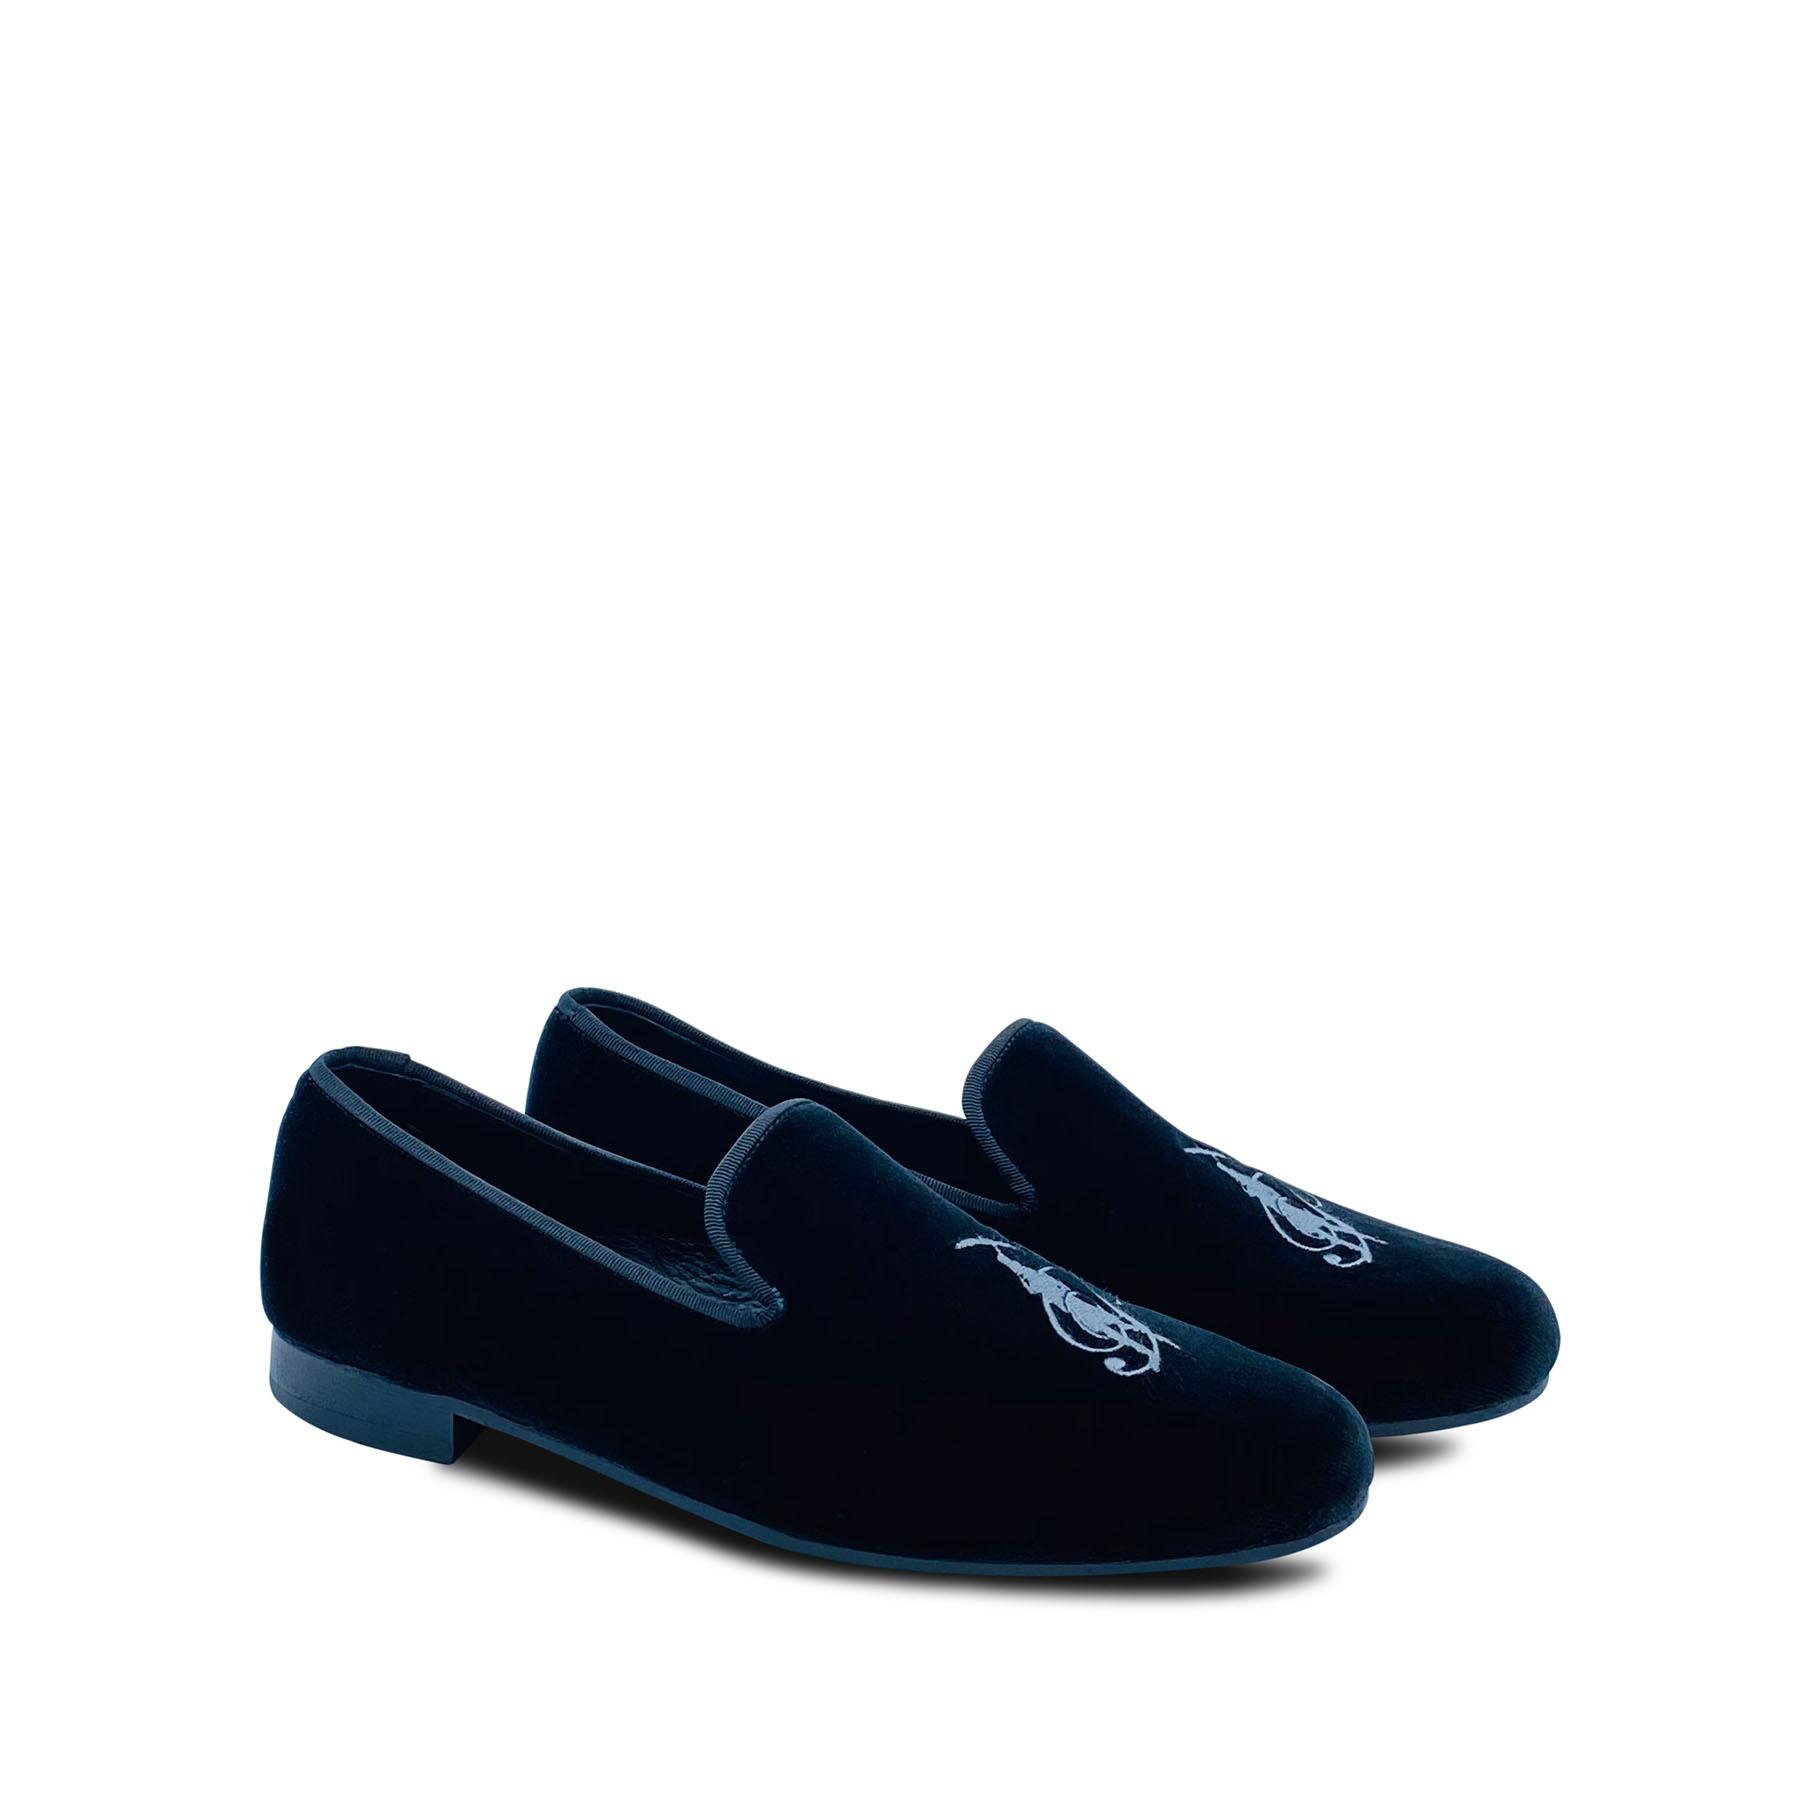 Kingsley – Velvet Slipper